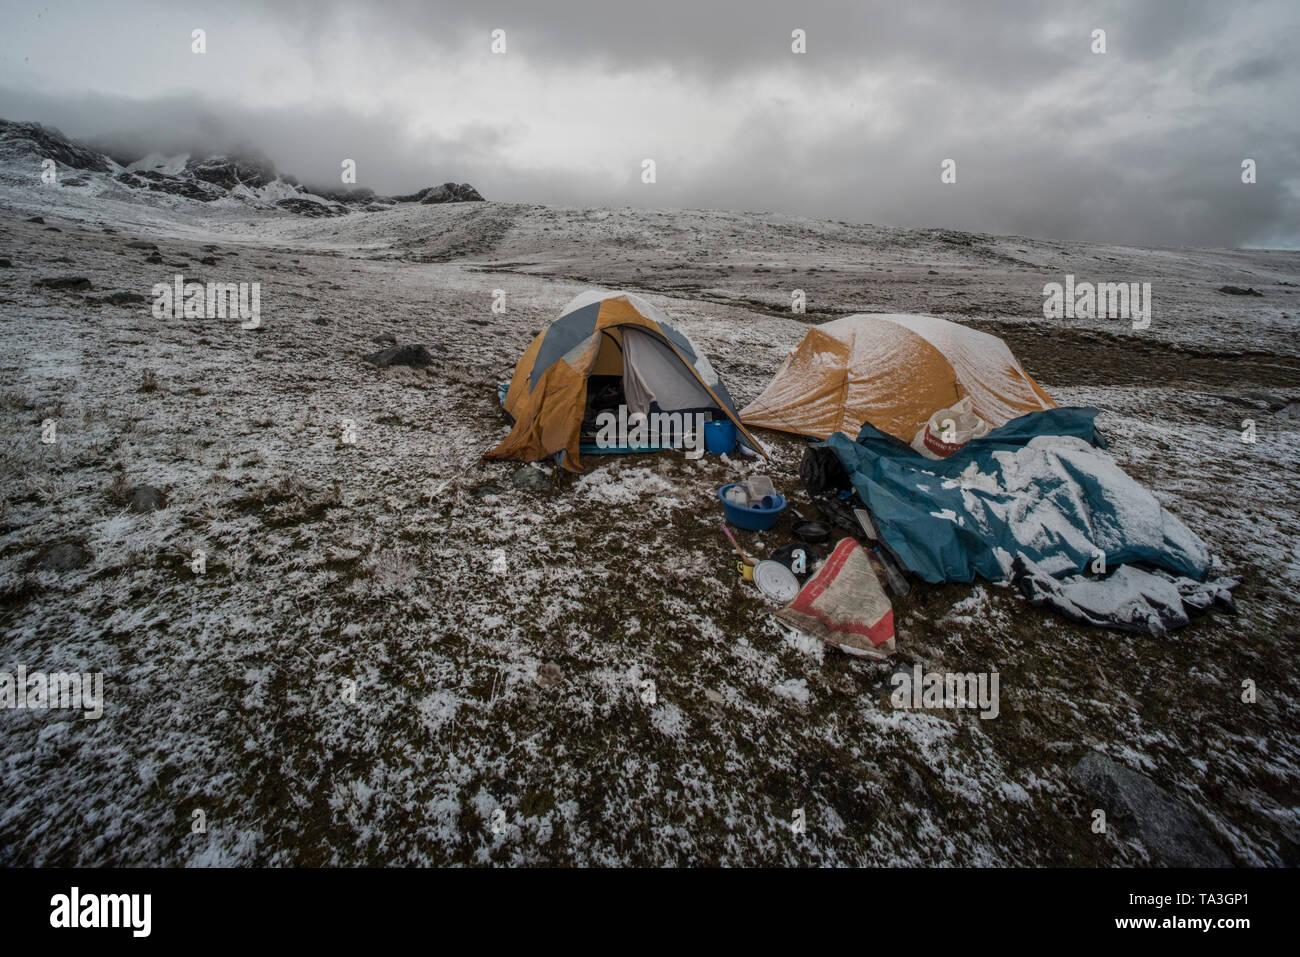 Bei kaltem Wetter Camping in der puna Grünland hoch in den Anden im Süden Perus. Stockbild